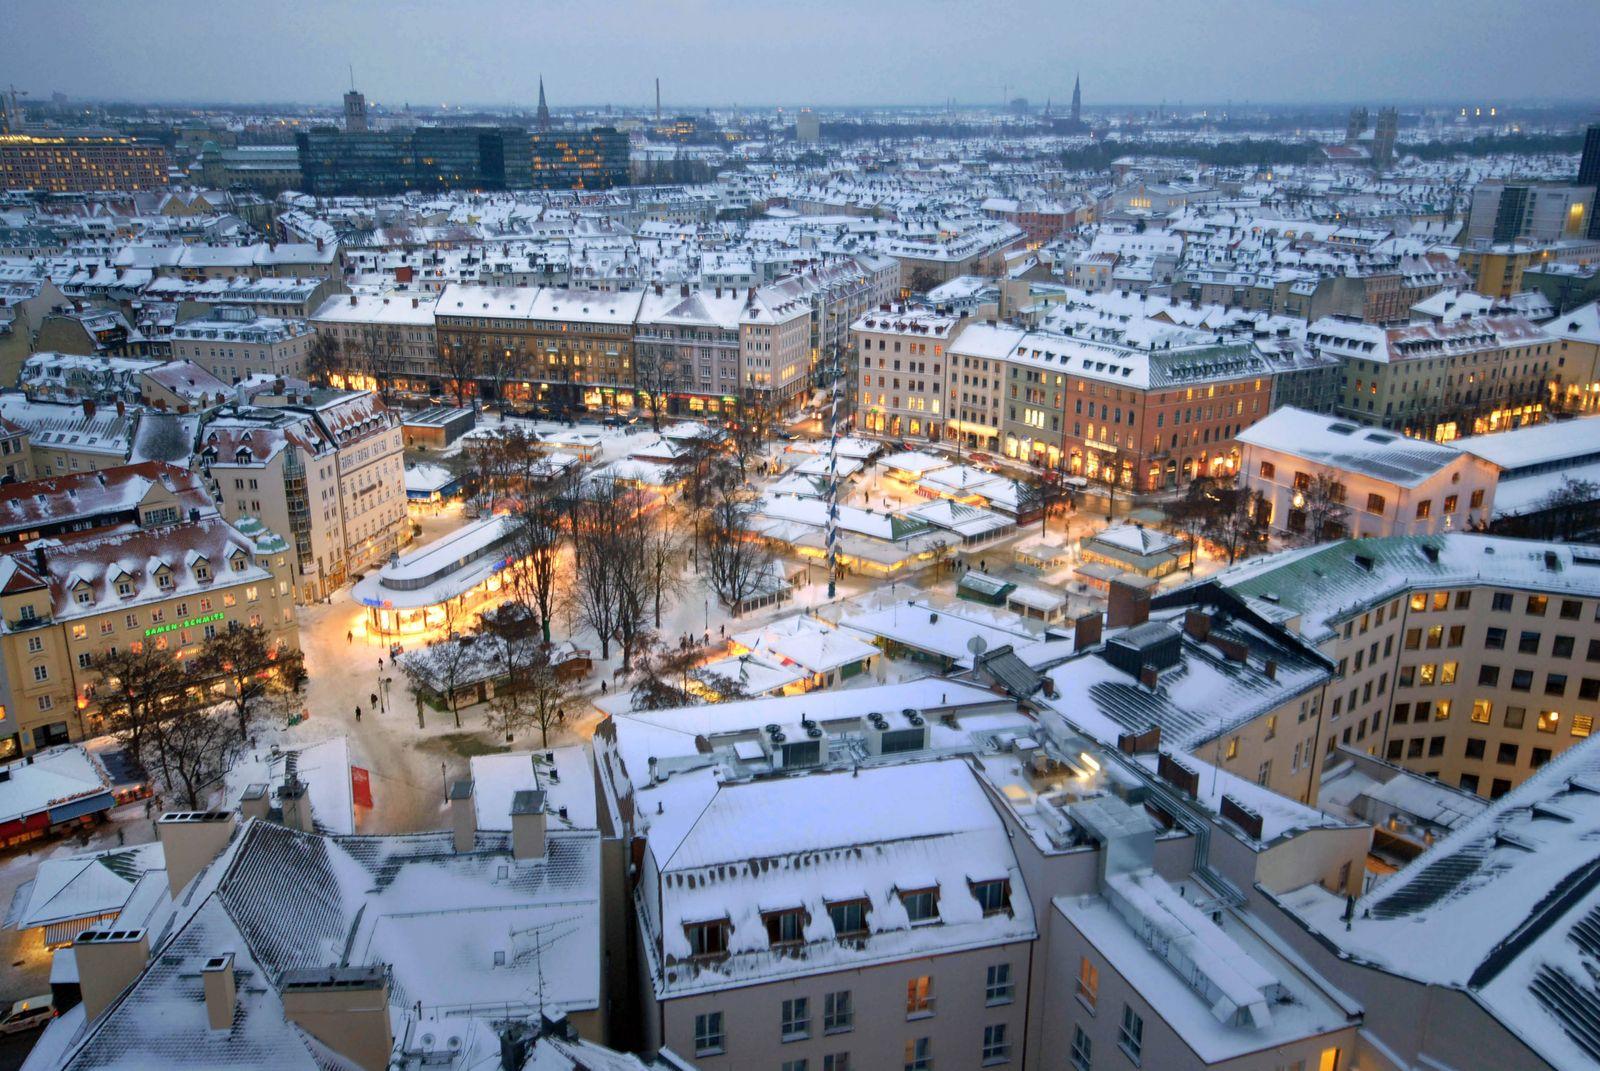 München, Stadtansicht, Innenstadt, Altstadt, Zentrum, City, Stadtzentrum, Skyline, Viktualienmarkt, Europäisches Patent